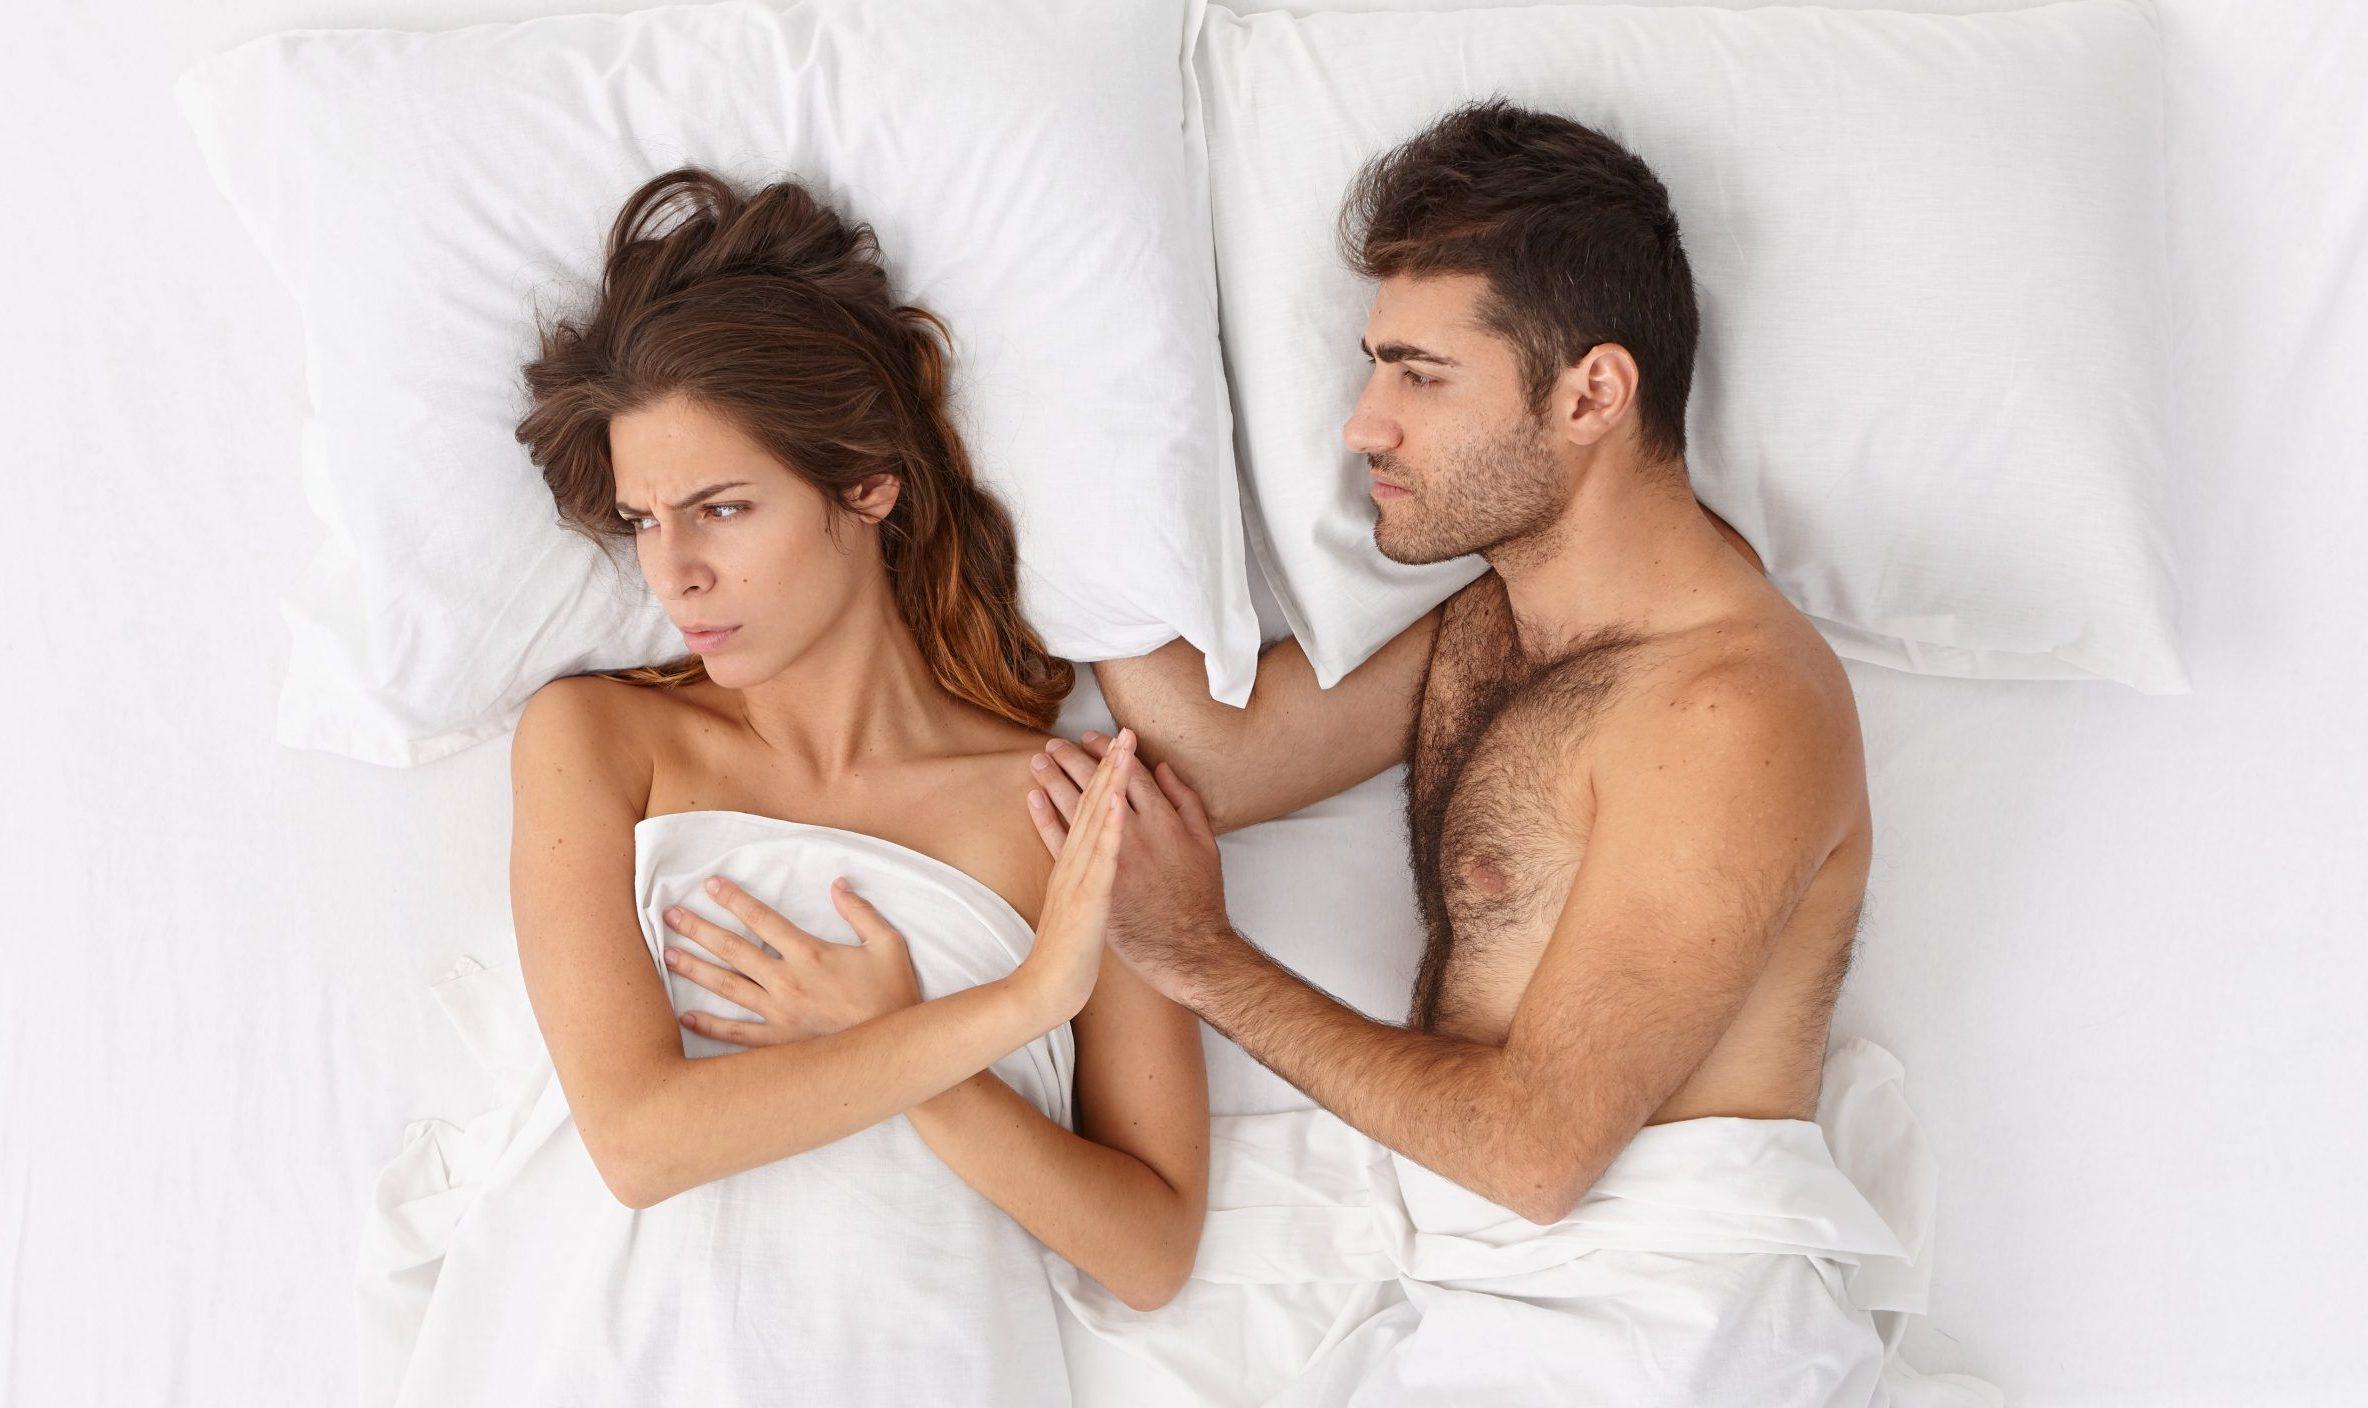 ¿Se puede tener relaciones sexuales con cáncer de mama?